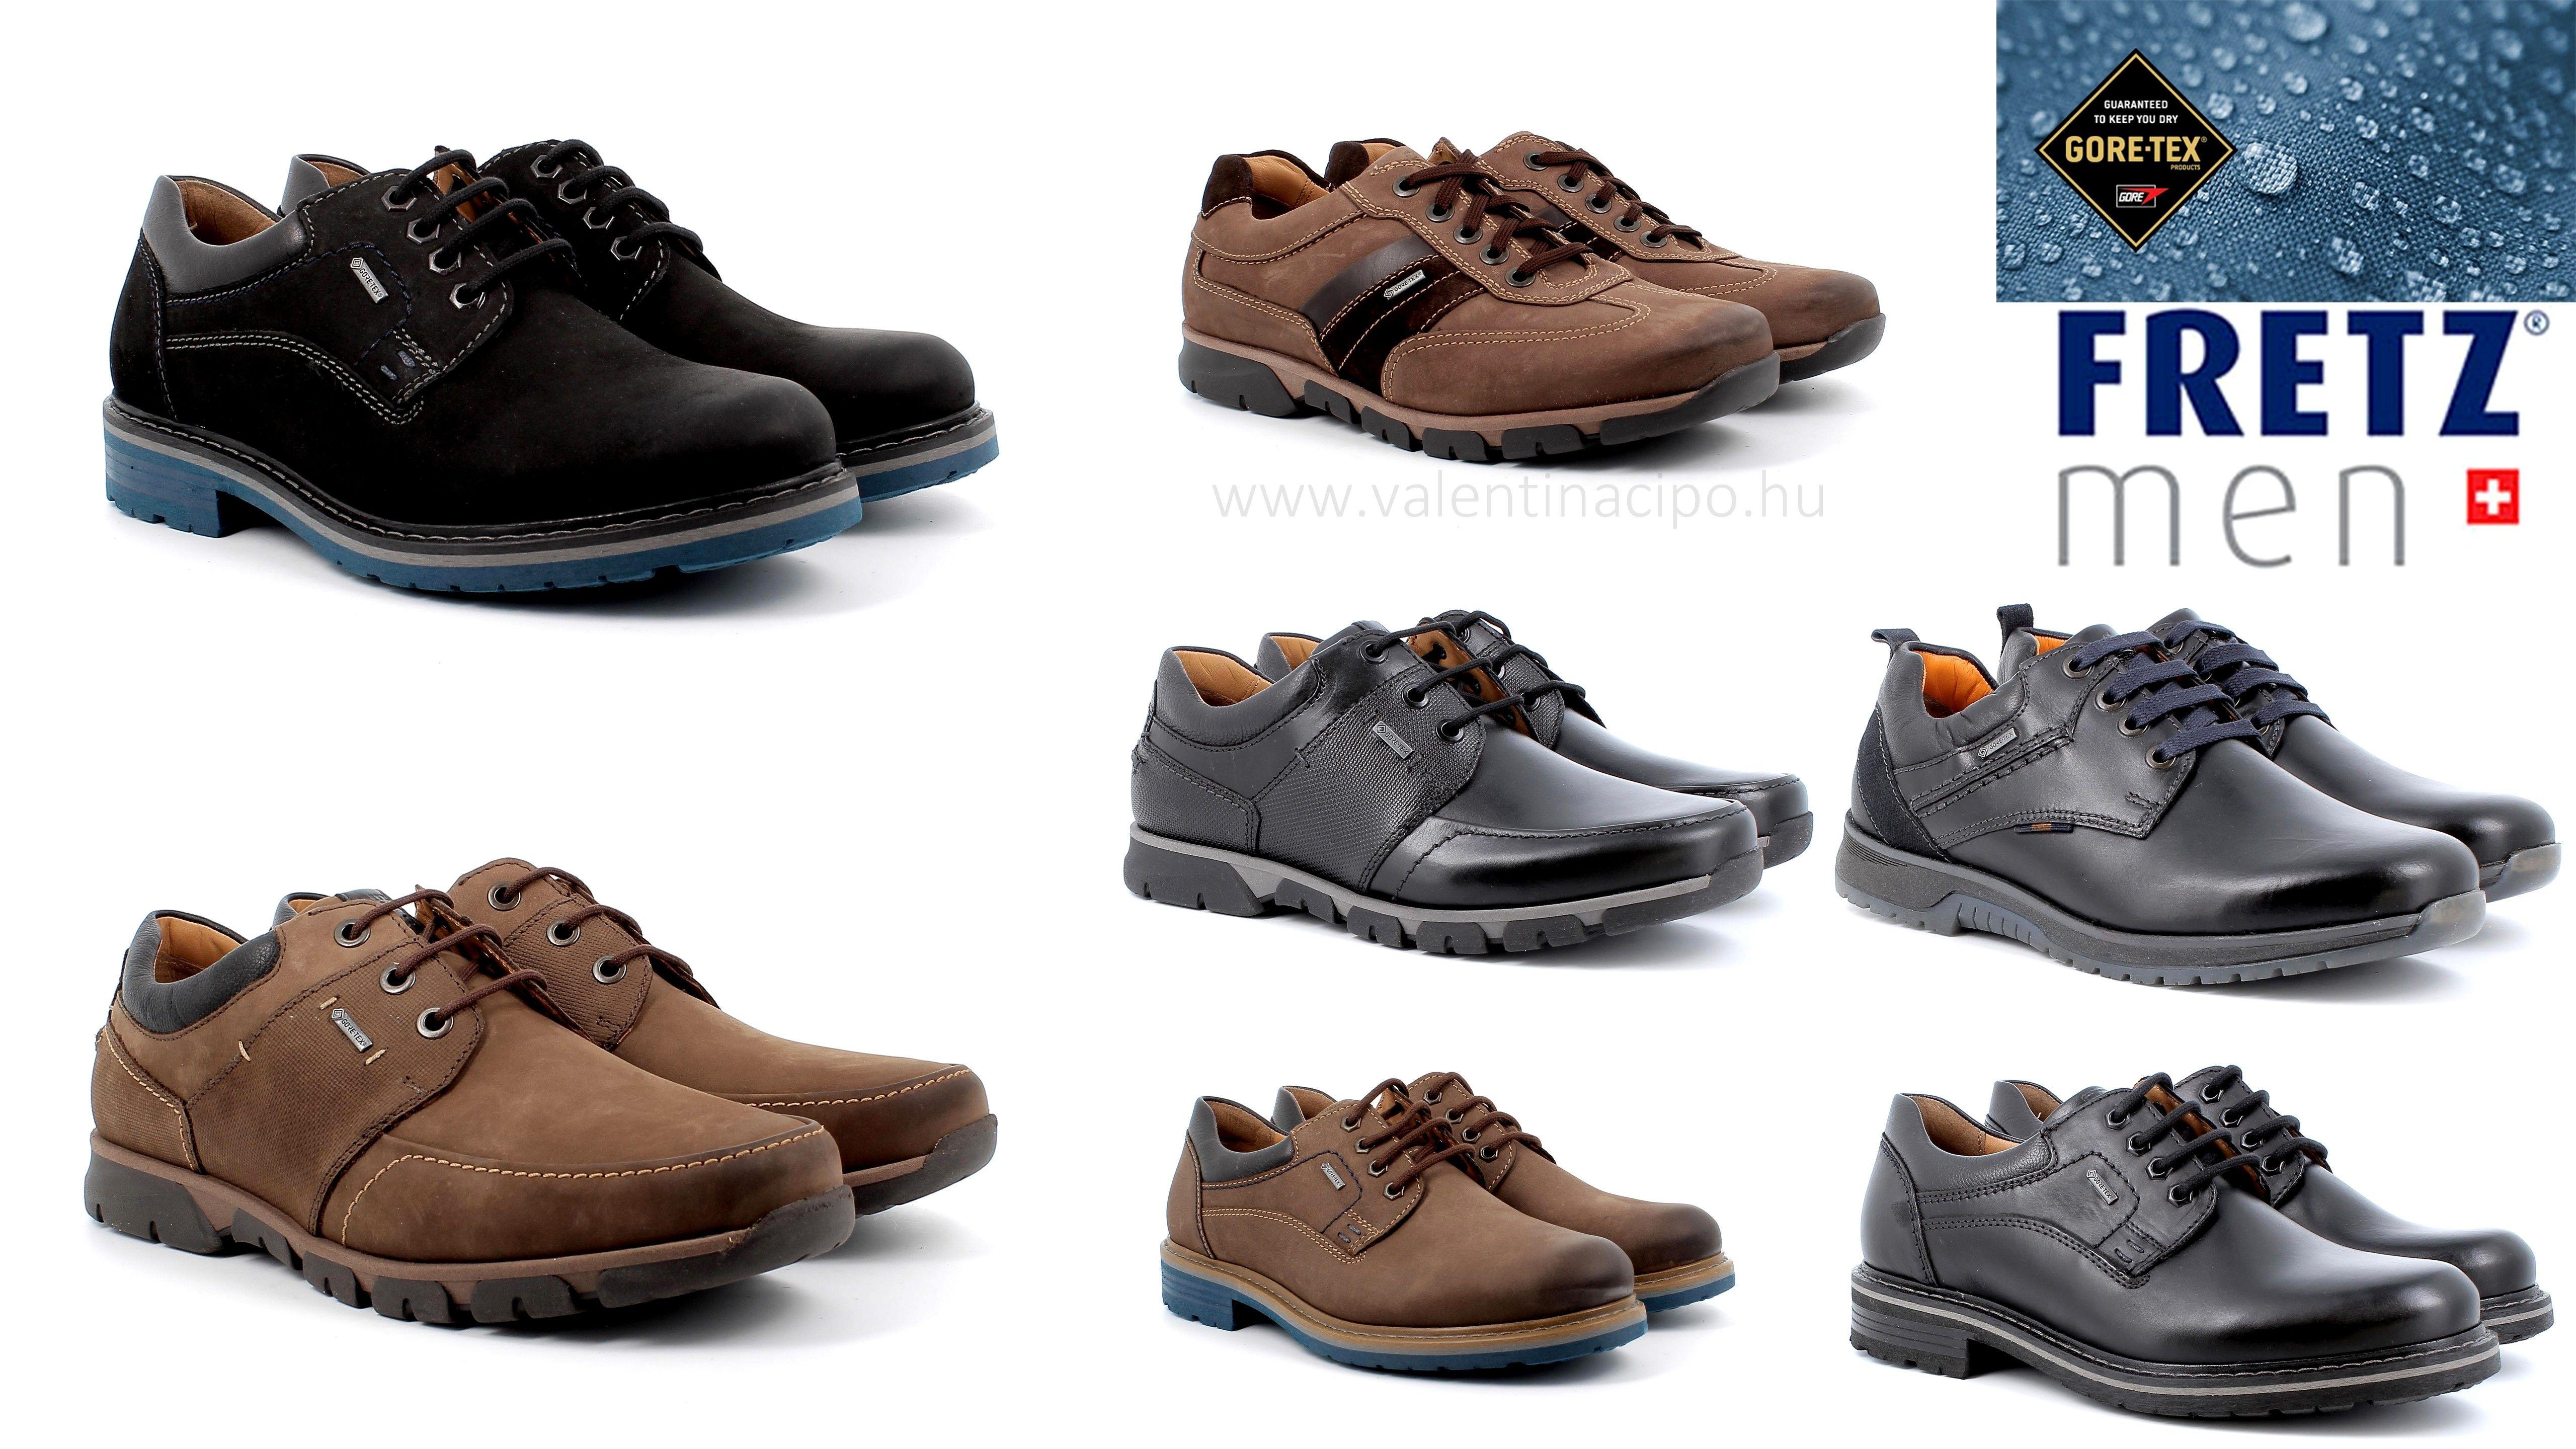 New FRETZ MEN Swiss men\u0026#39;s footwear